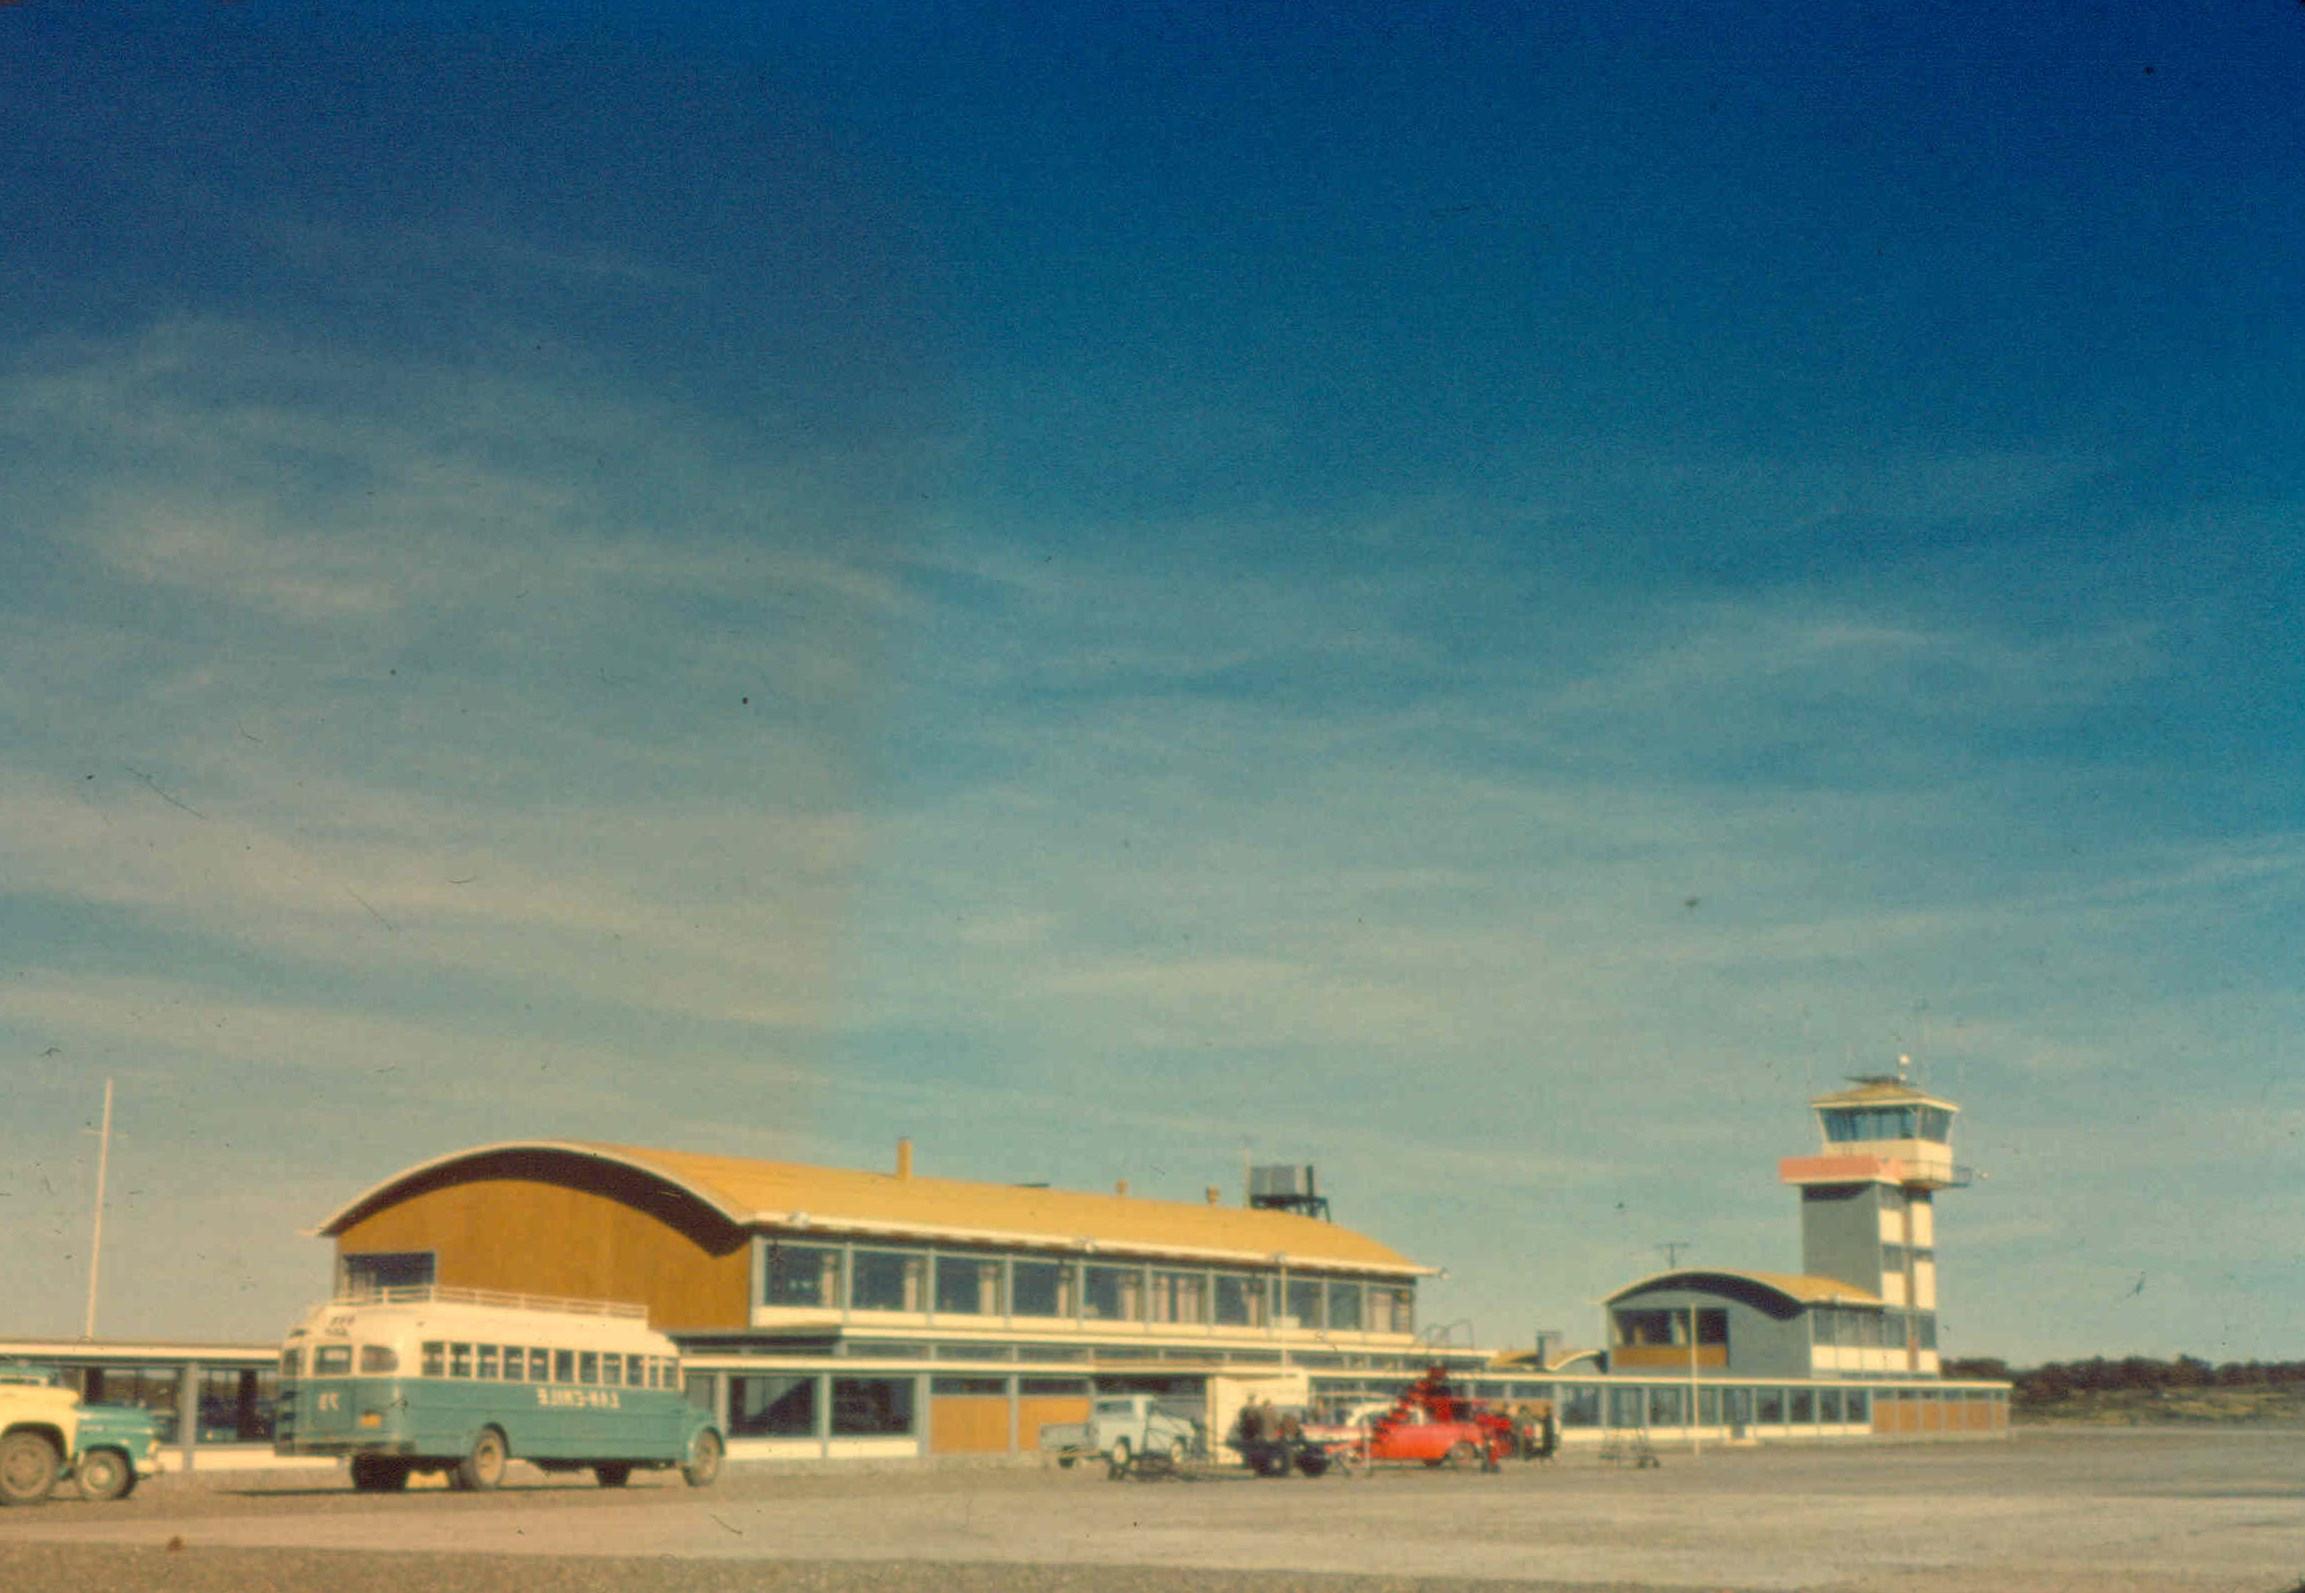 Enterreno - Fotos históricas de chile - fotos antiguas de Chile - Aeropuero de punta Arenas en 1962